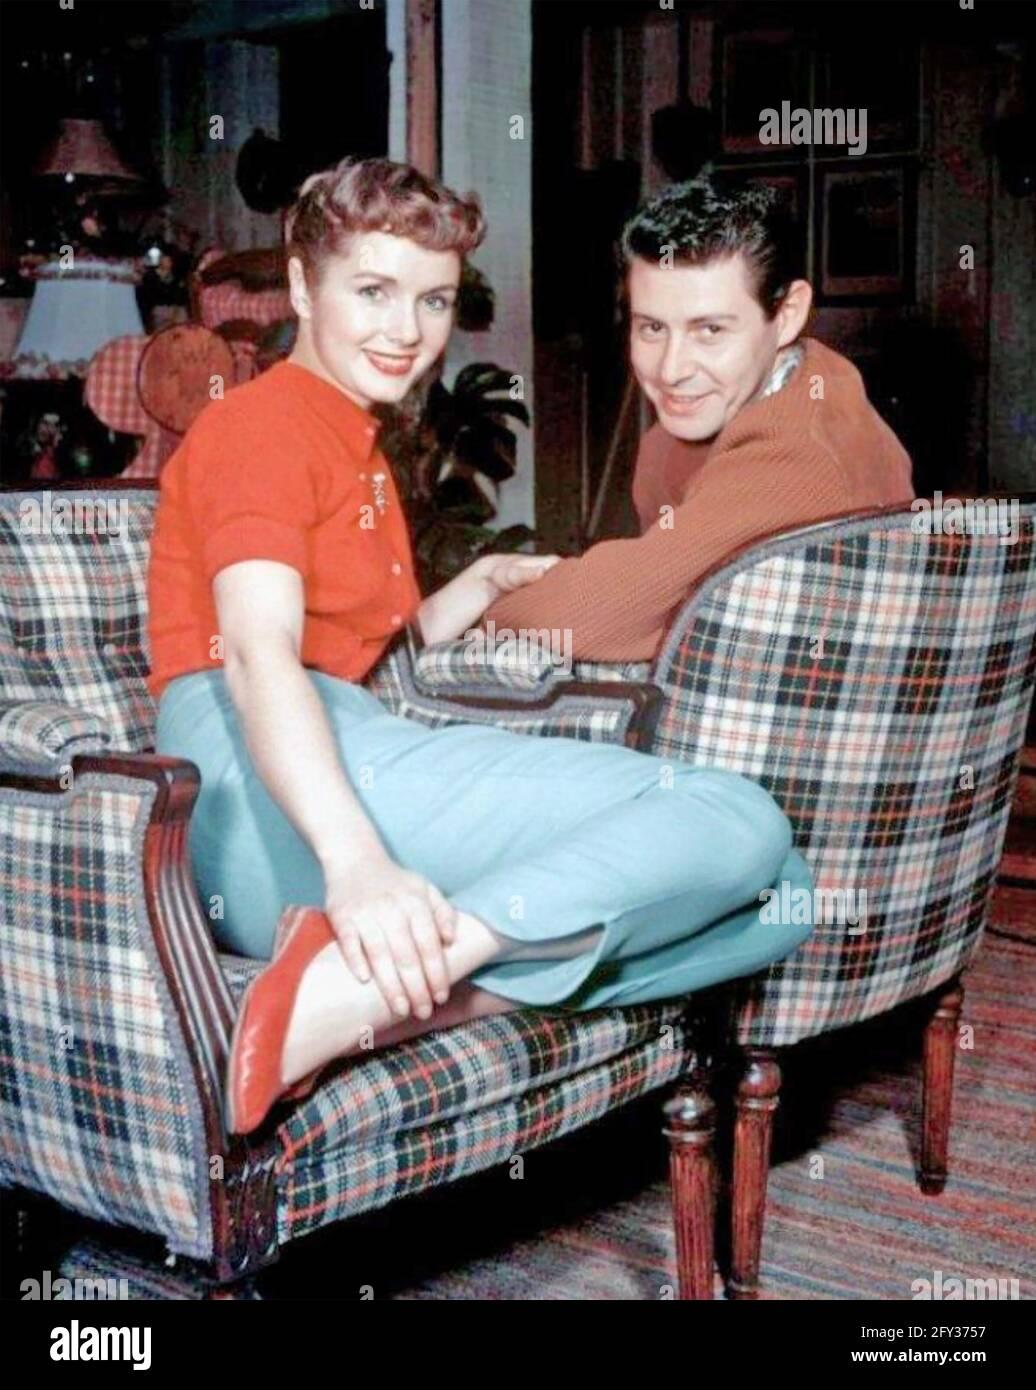 DEBBIE REYNOLDS actrice américaine de cinéma avec son premier mari Eddie Fisher vers 1956 Banque D'Images